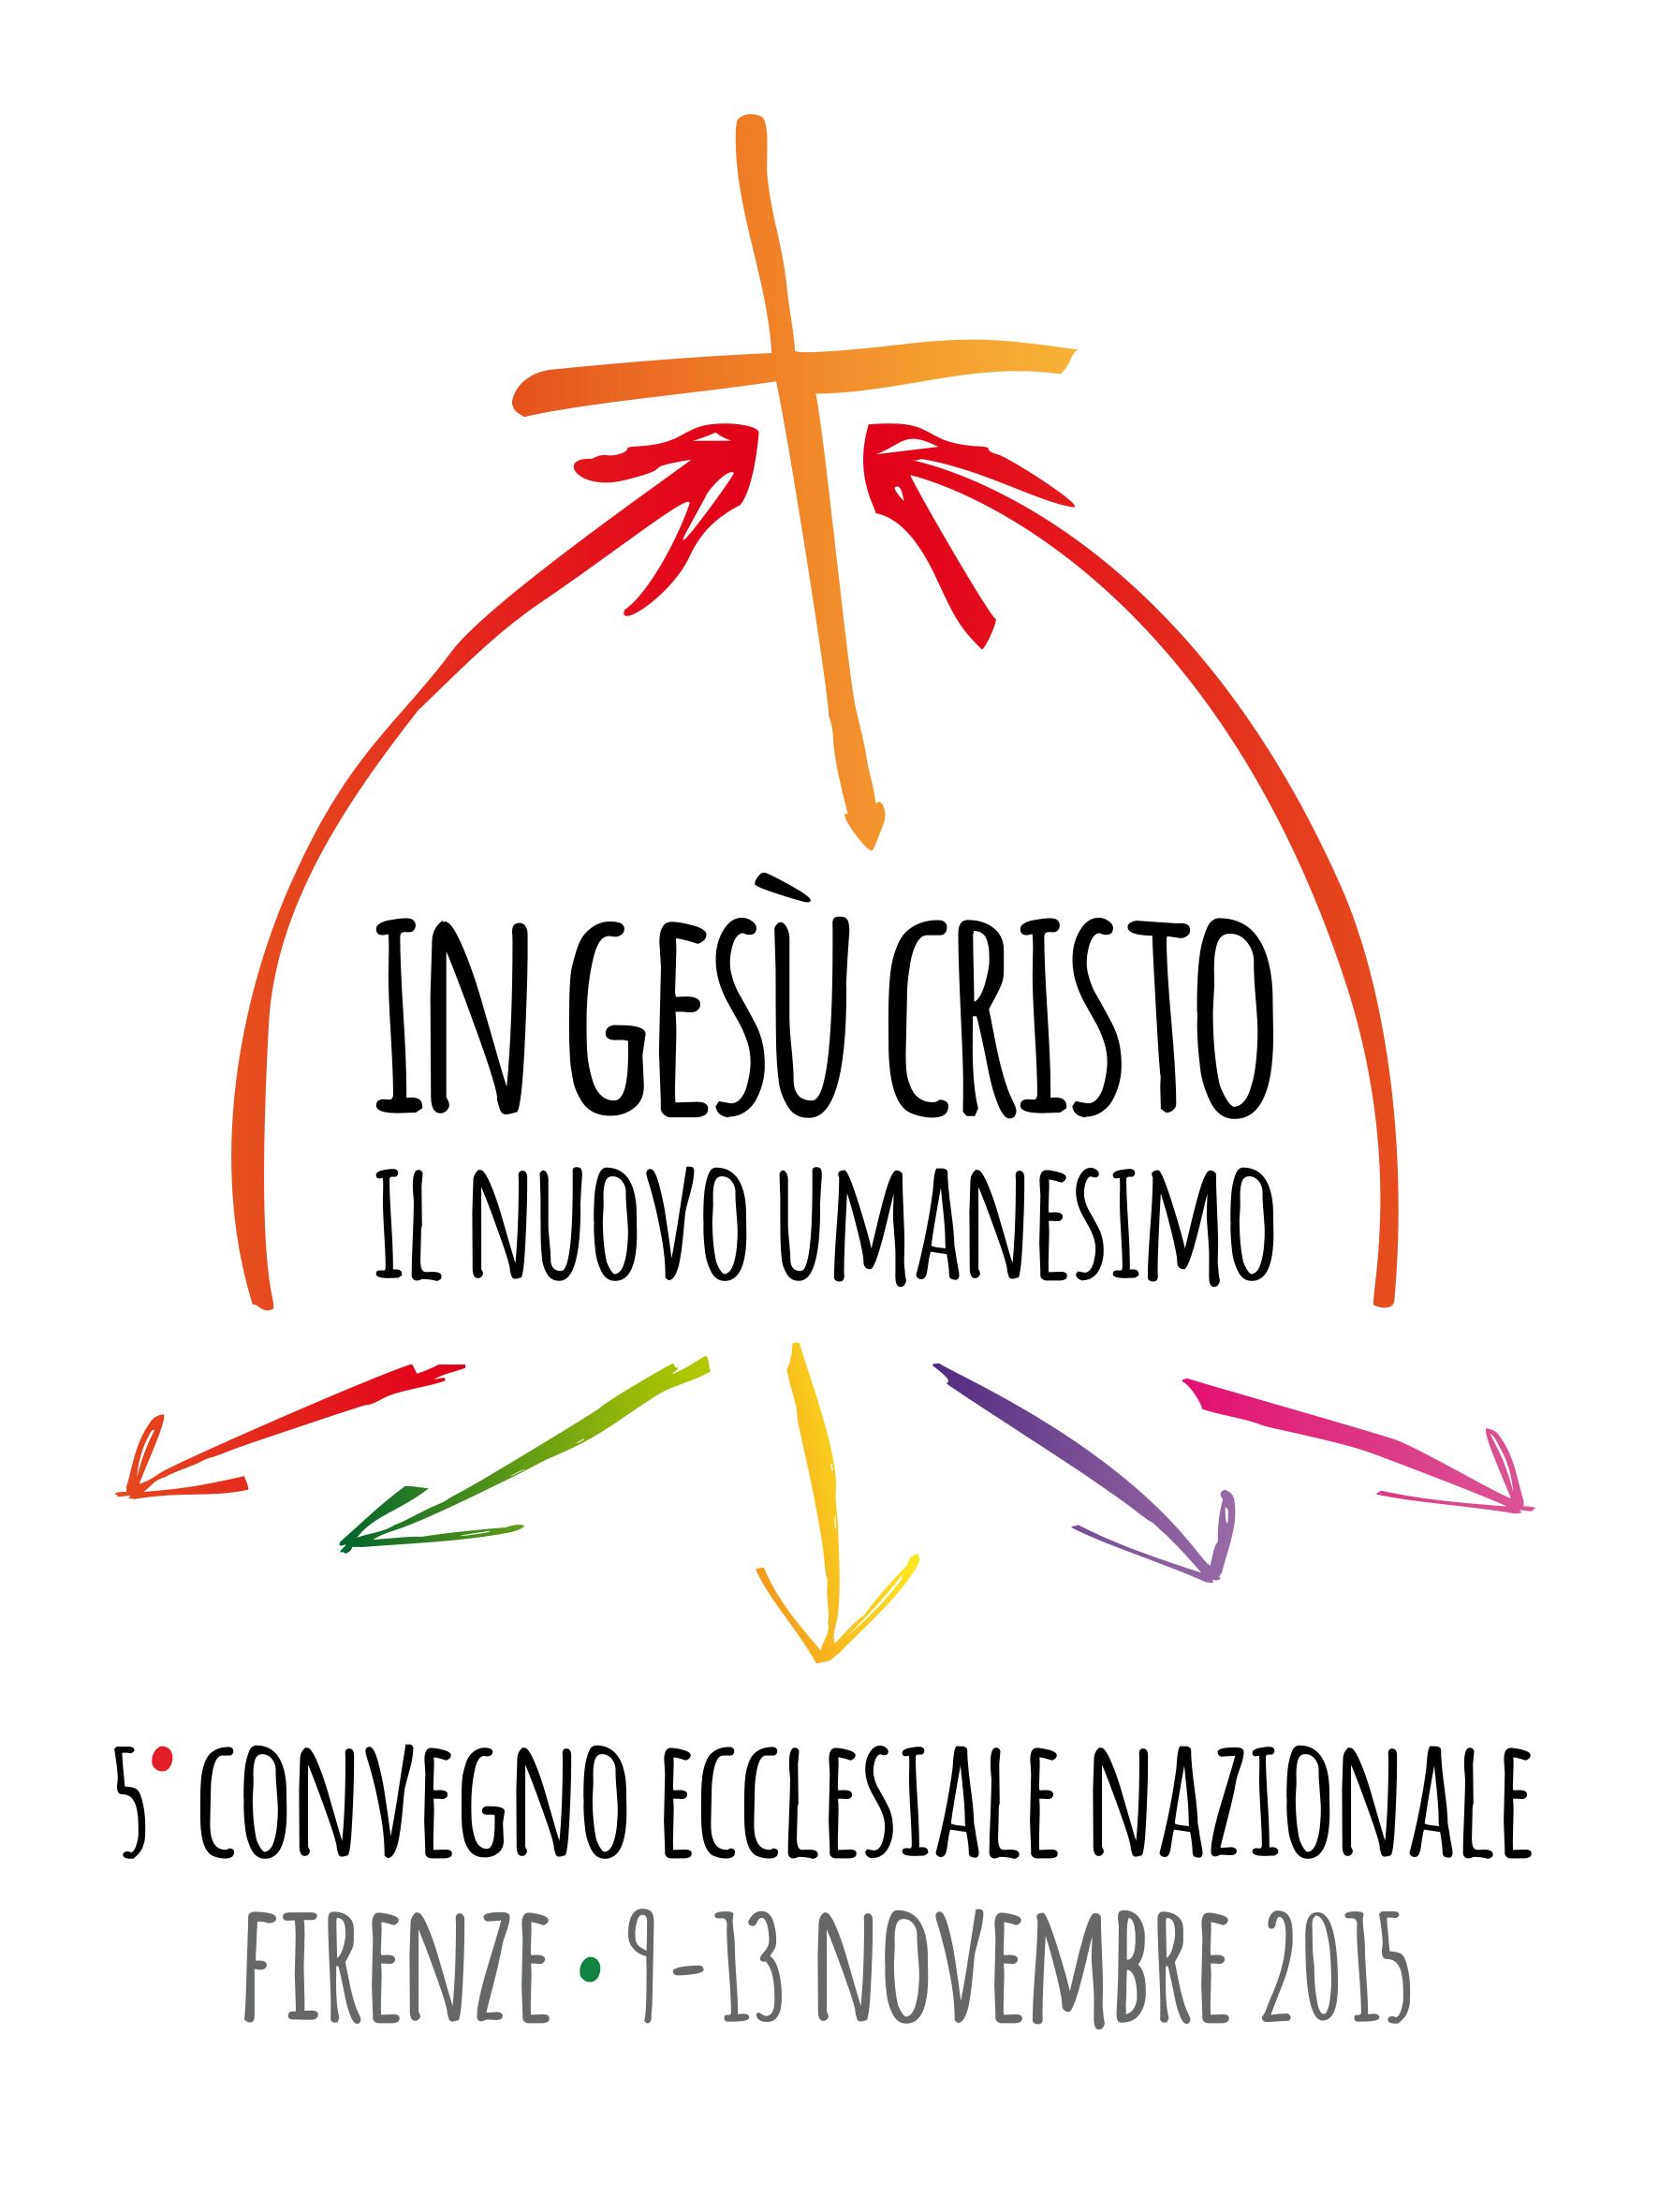 Presentato il programma del Convegno ecclesiale di Firenze. Da Pinerolo 5 delegati e un giornalista